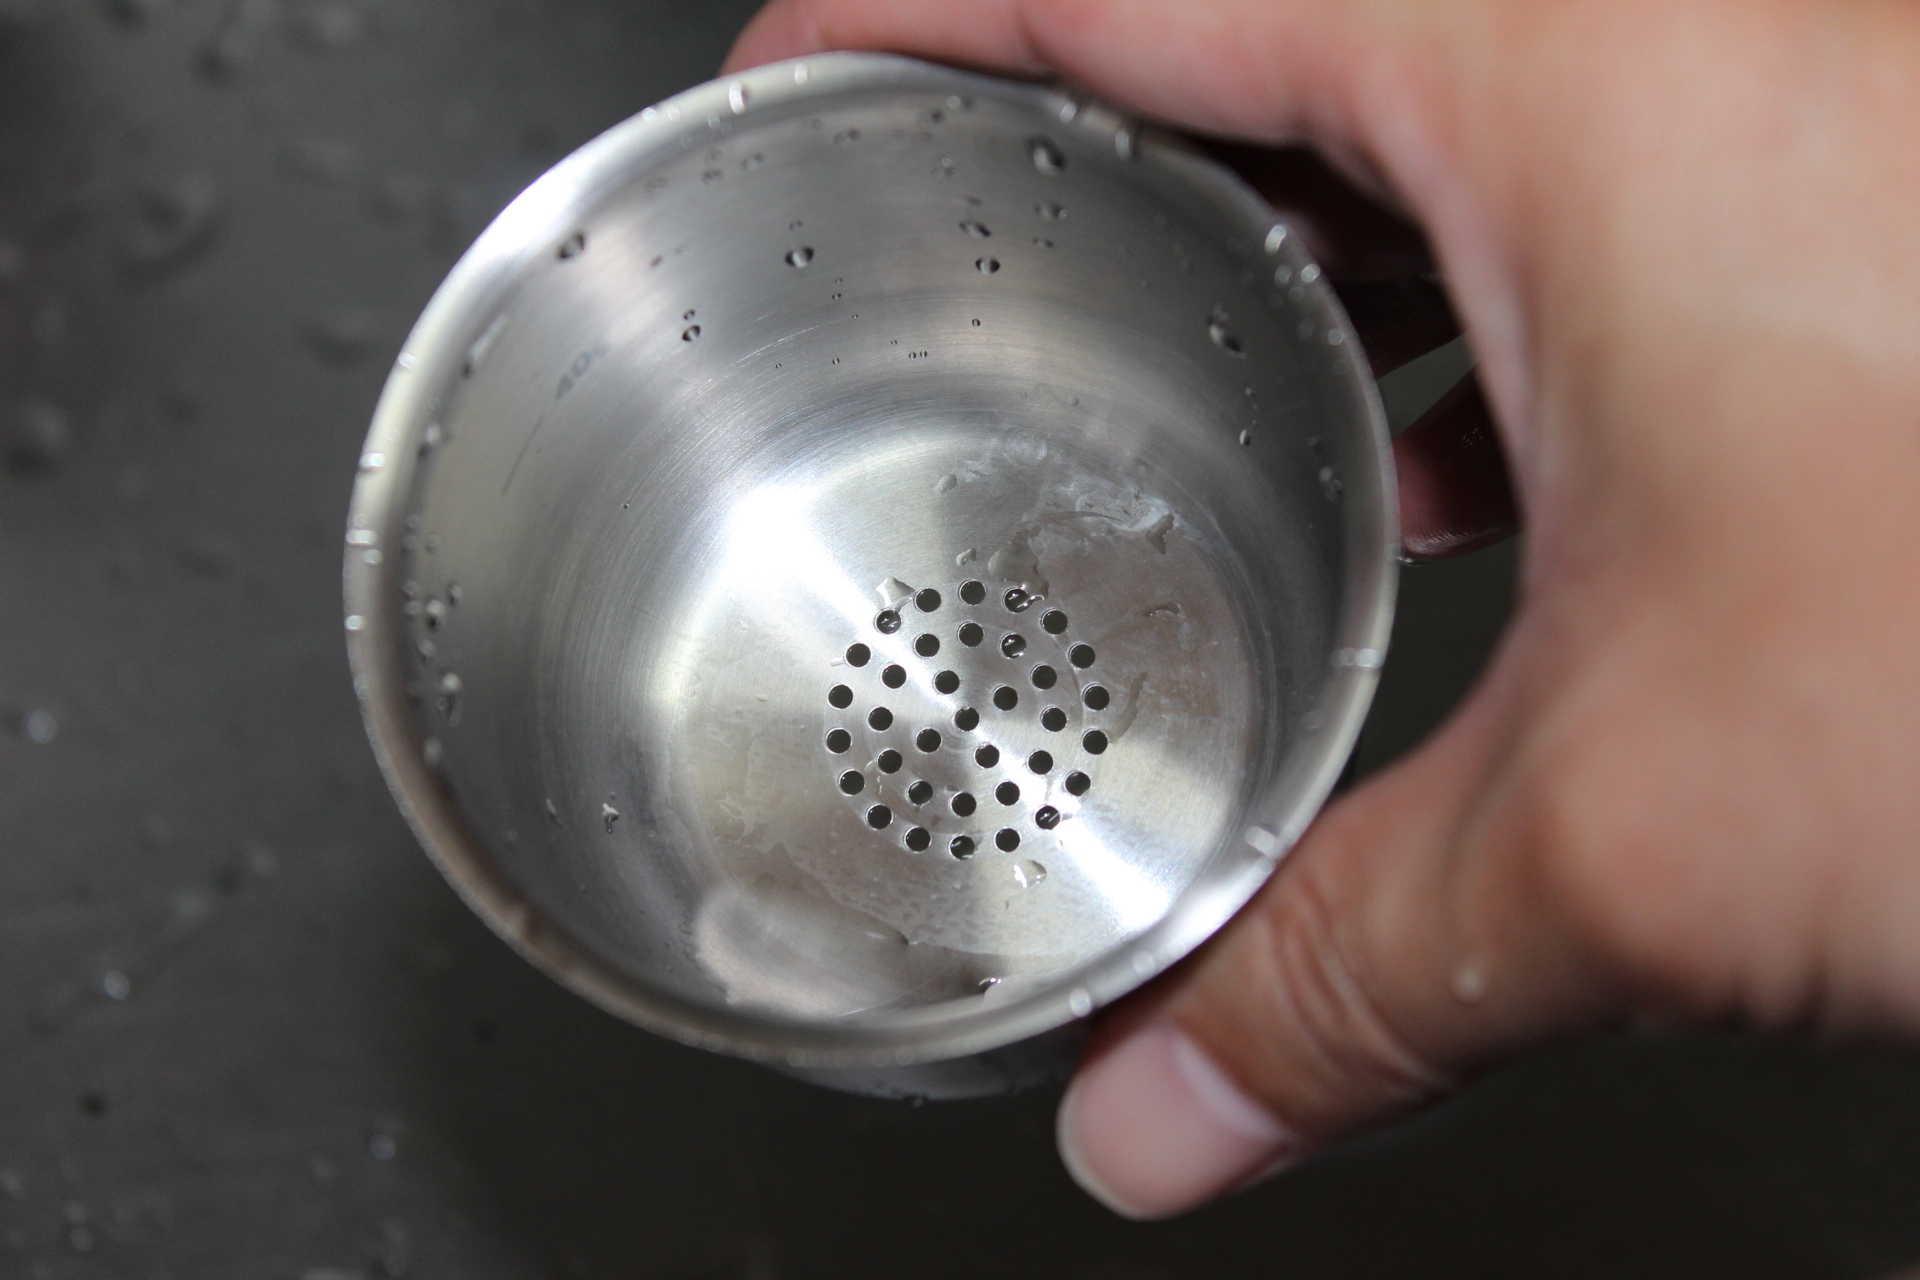 コールドブリューが作れるWiswell Water Dripperのコーヒーバスケットの洗浄後